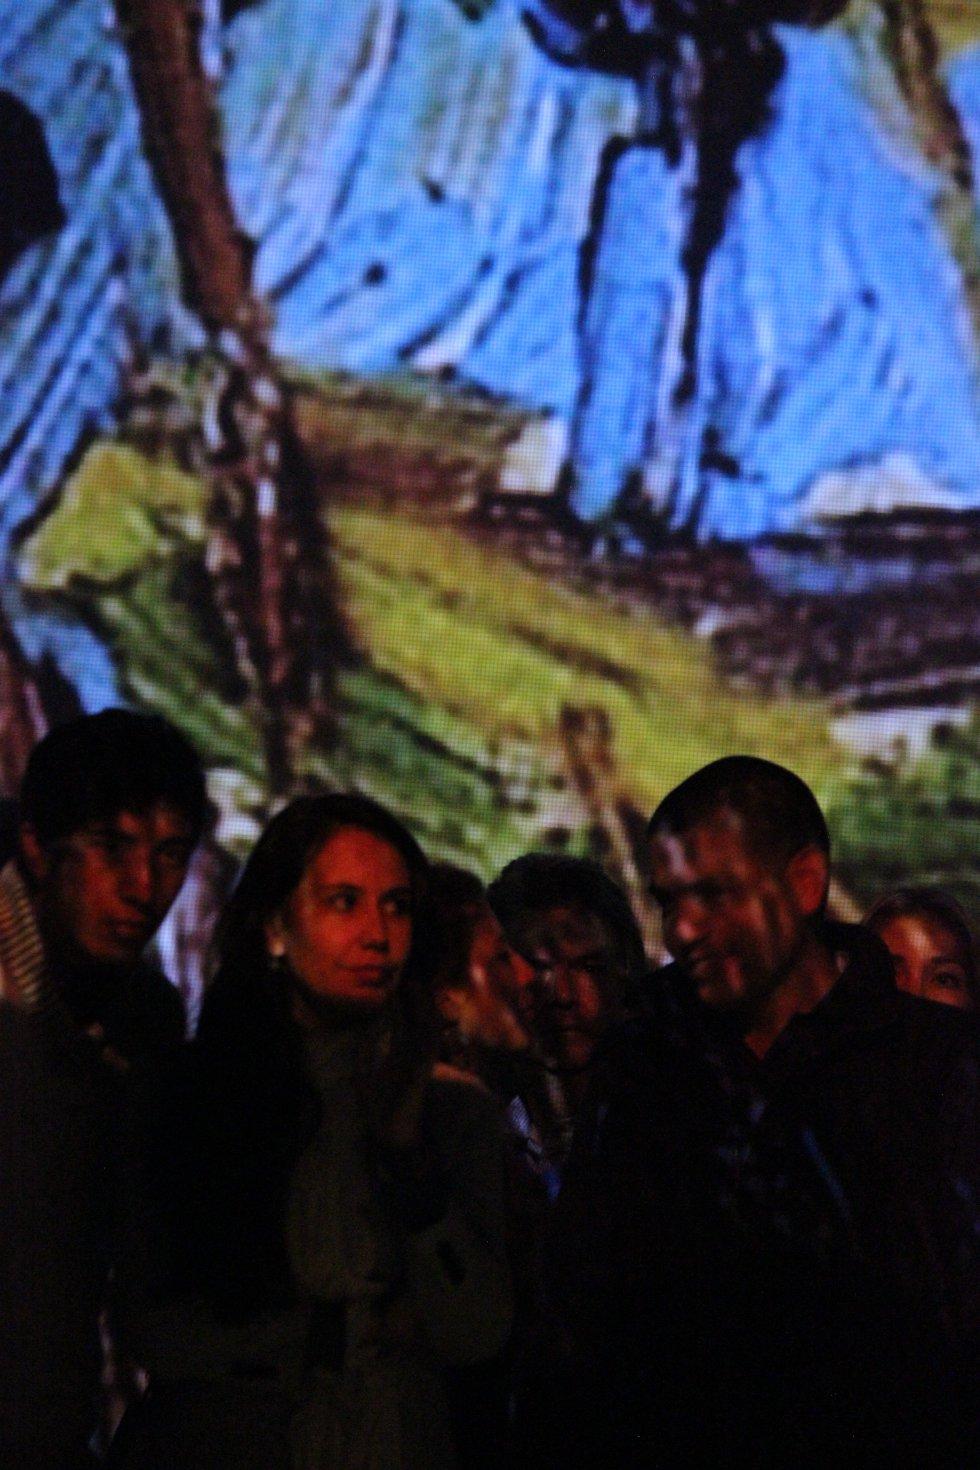 Los más jóvenes disfrutan con un formato que es pensado para ser sensorial e interactivo, mientras aprenden y conocen las obras de Van Gogh; los adultos ven con otros ojos las piezas que, de alguna u otra forma, se han vuelto ya cotidianas y recurrentes.